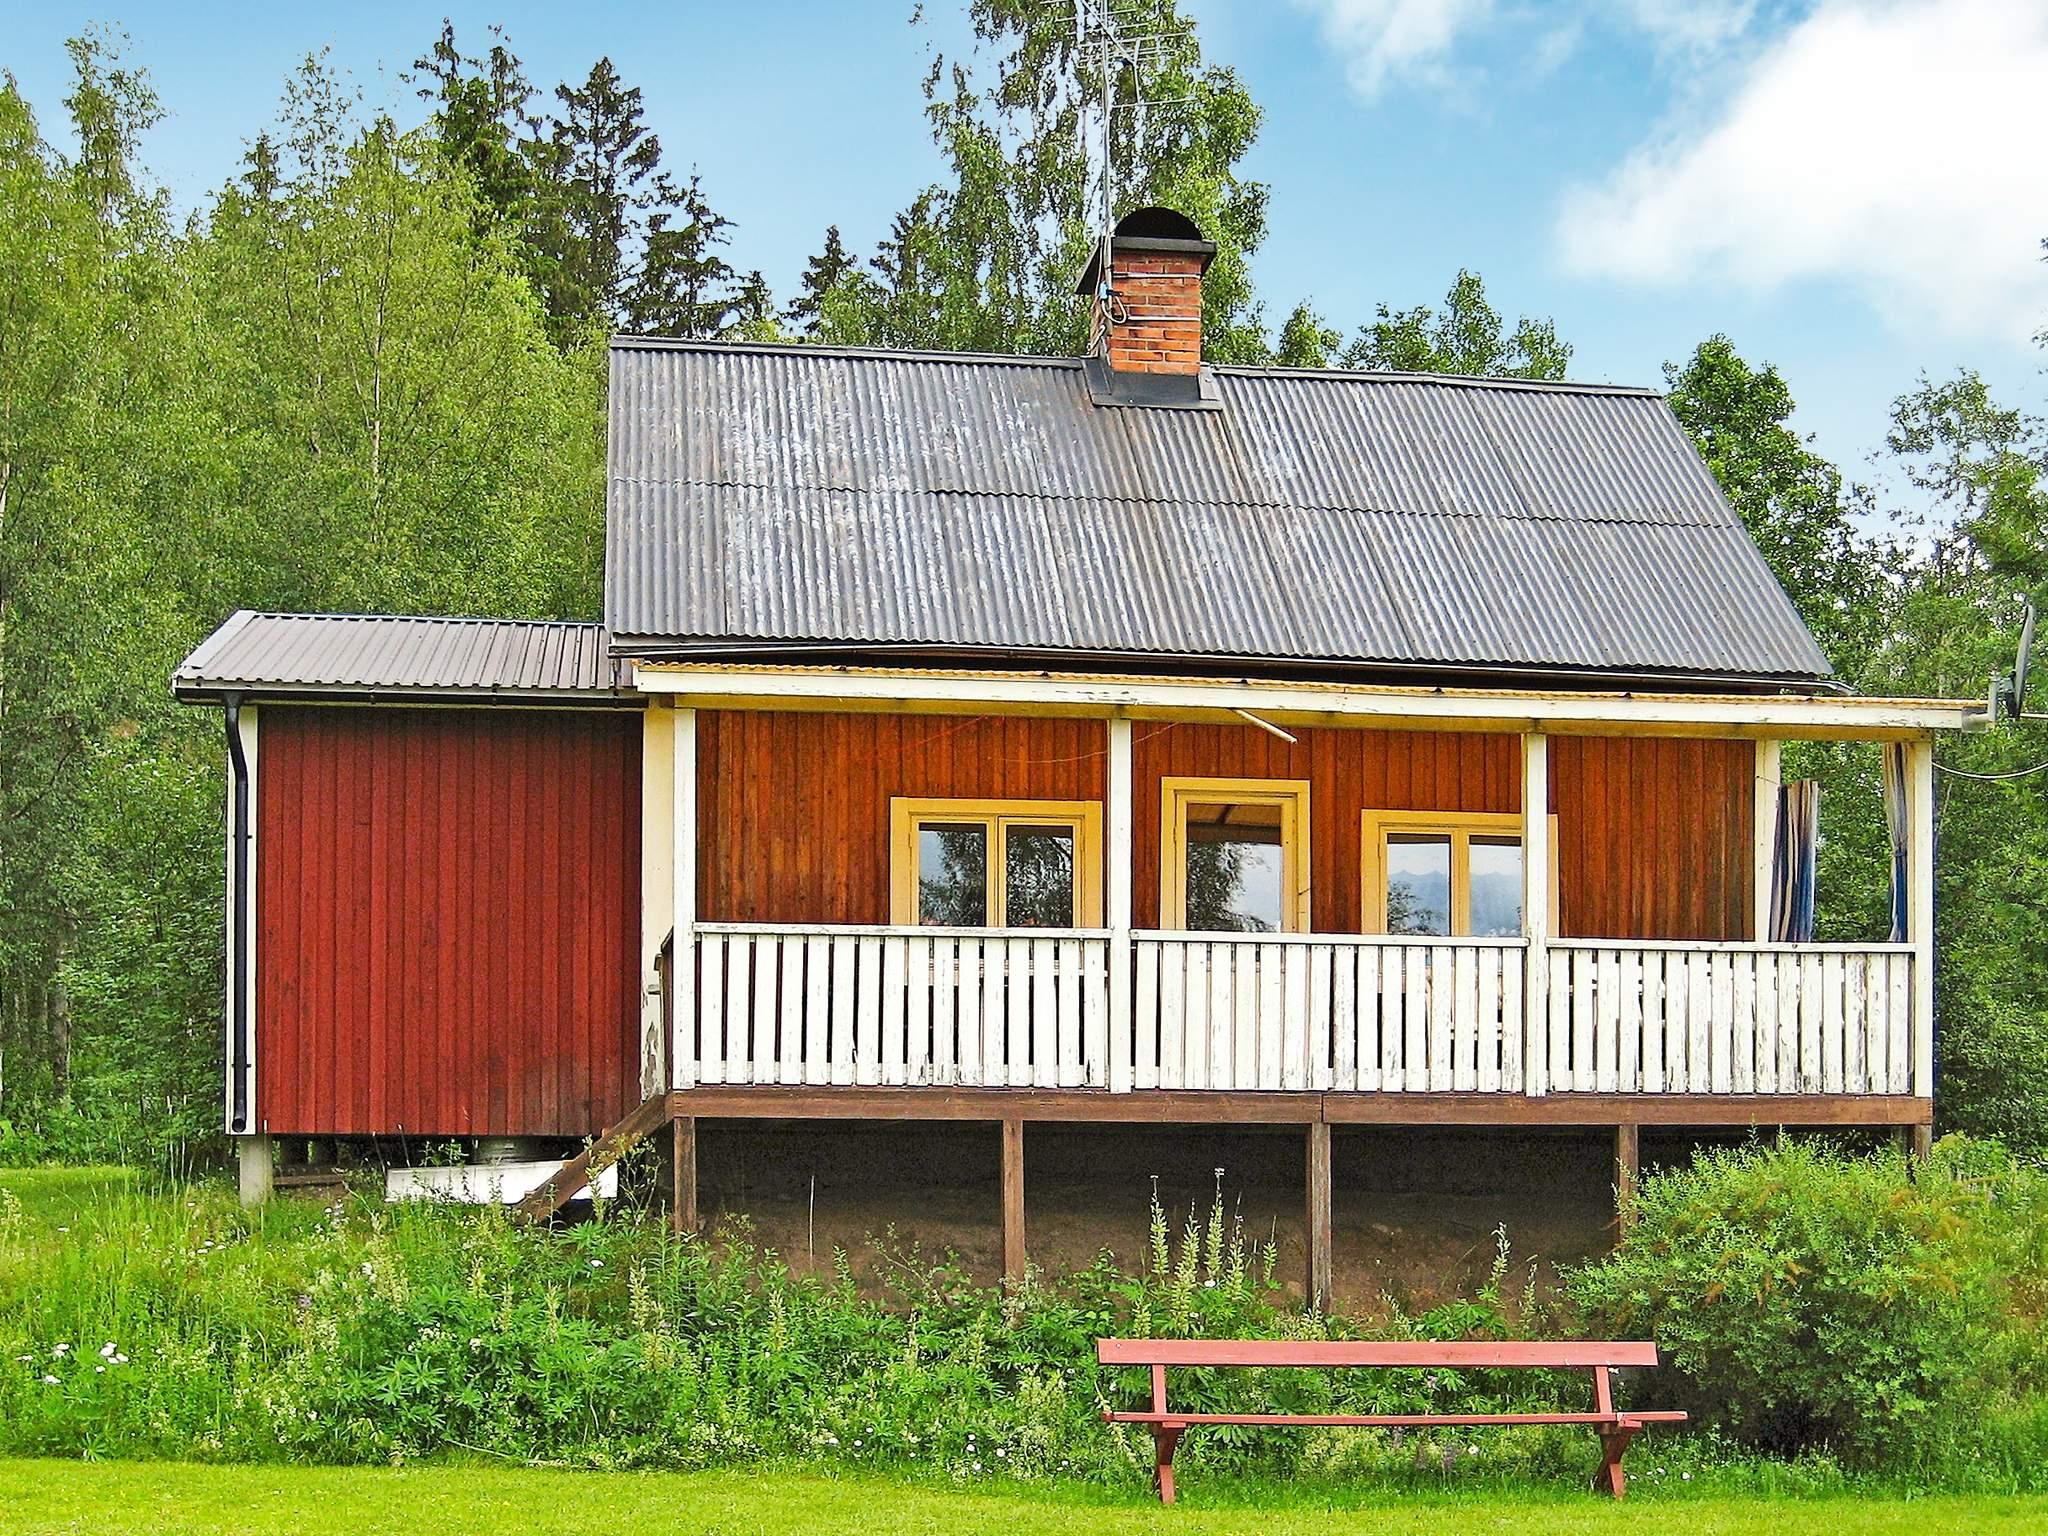 Ferienhaus Hagfors (87161), Sunnemo, Värmlands län, Mittelschweden, Schweden, Bild 1